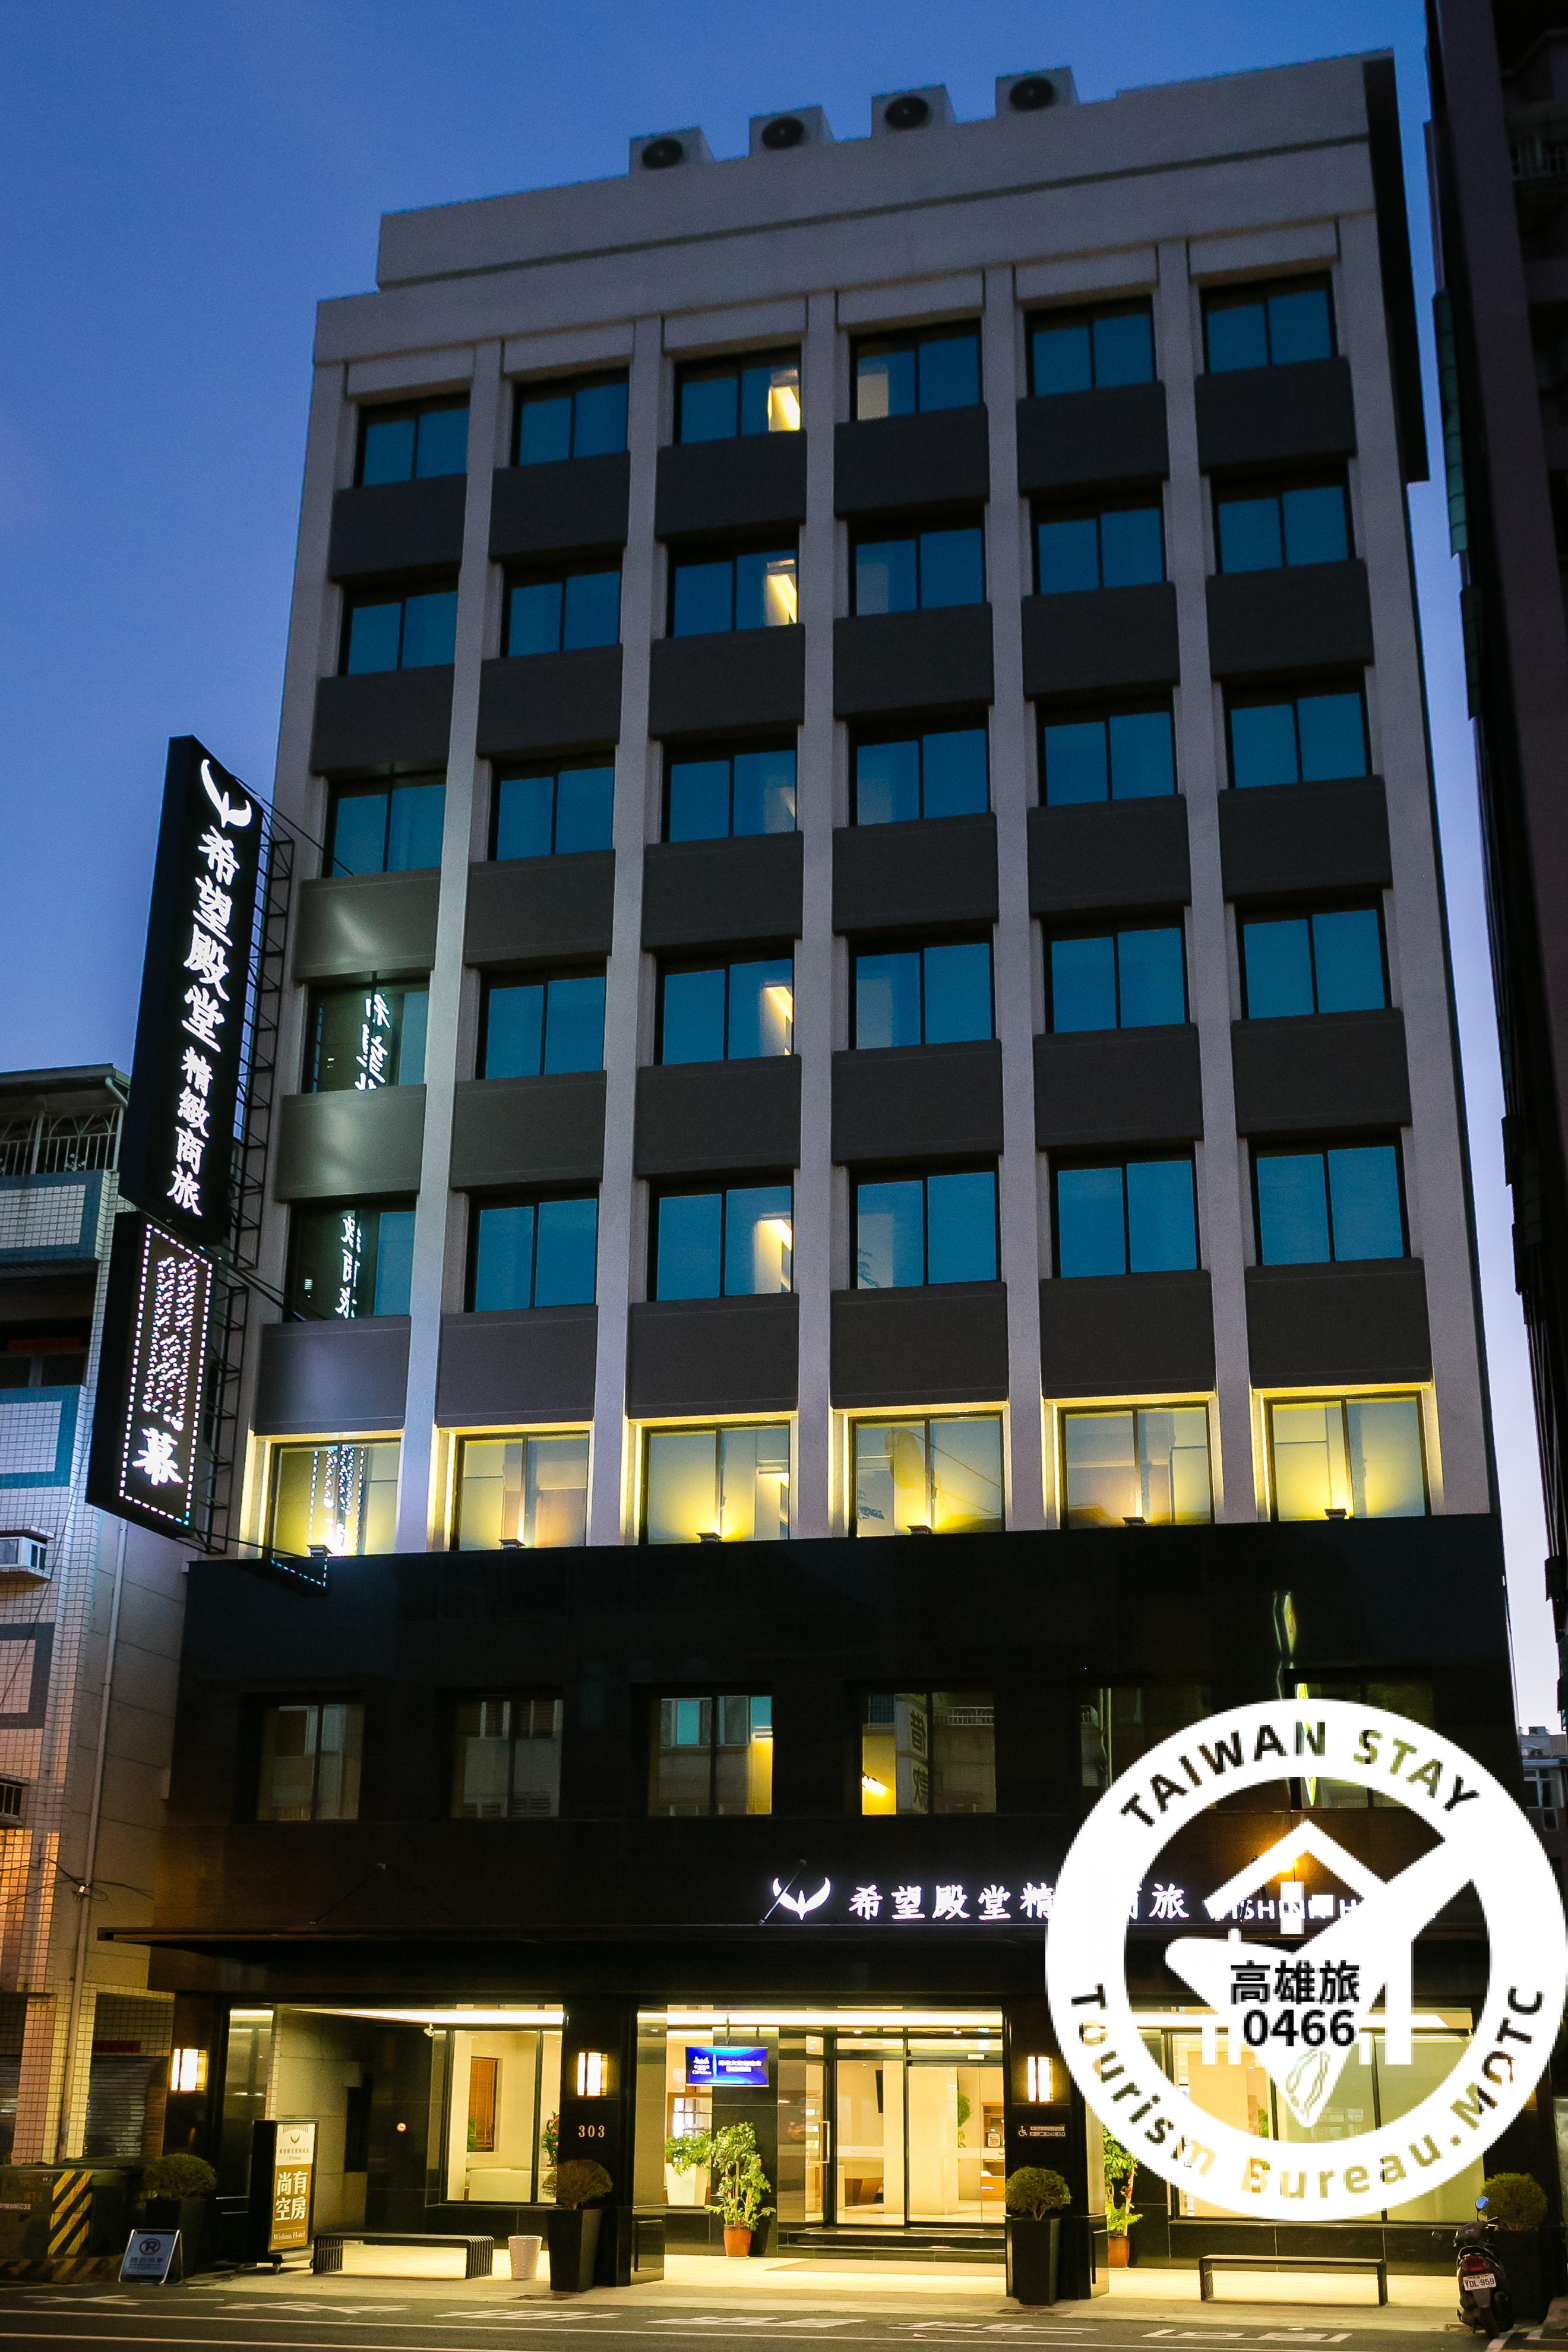 ウィッシュ・イン ホテル(希望殿堂精緻商旅)